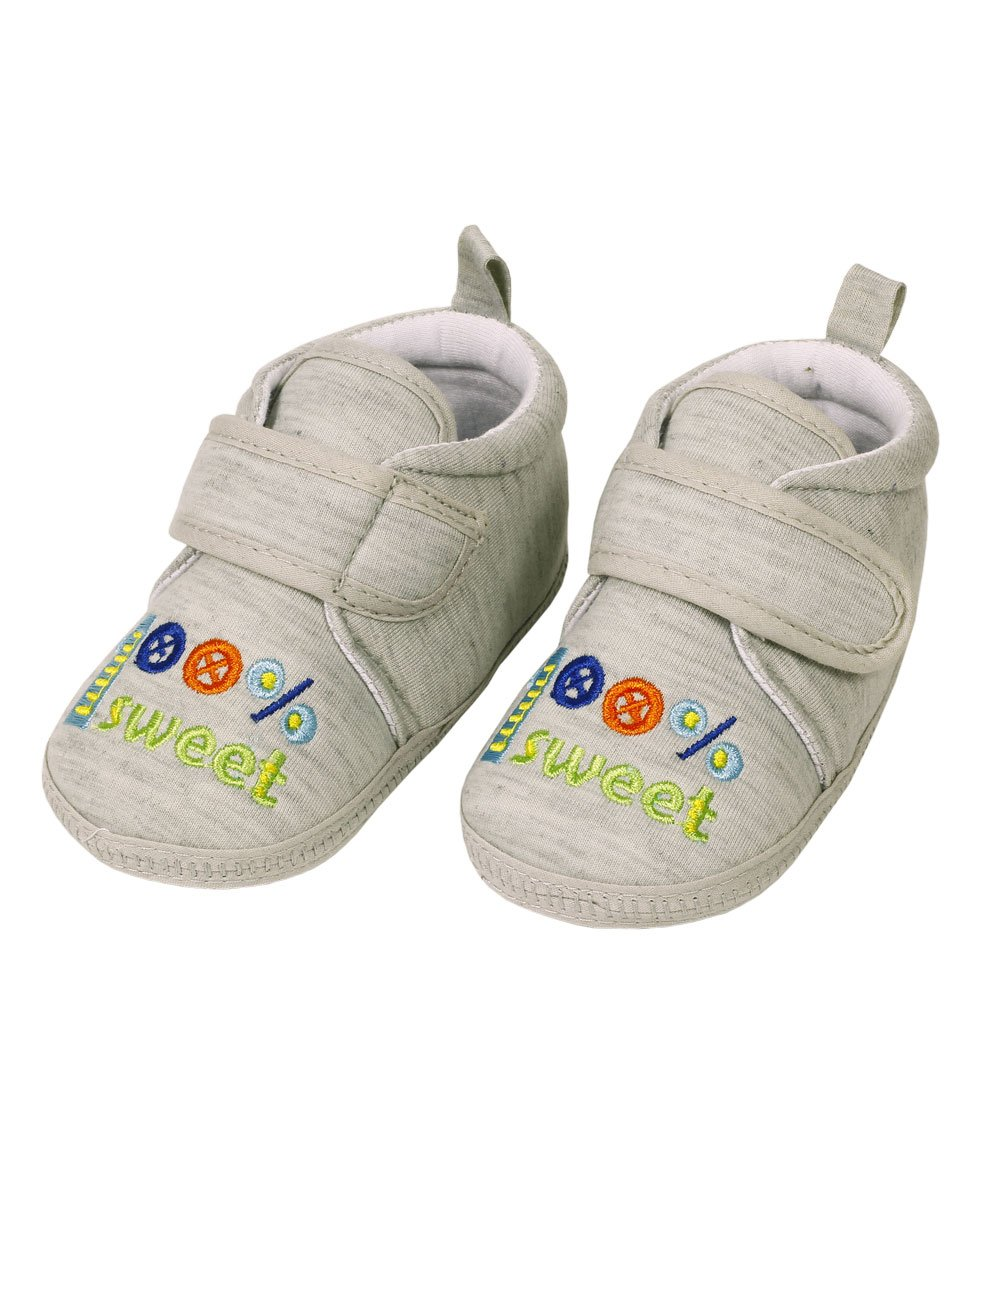 Maximo 55203 717300 Babysommerschuhe mit ABS Sohle und